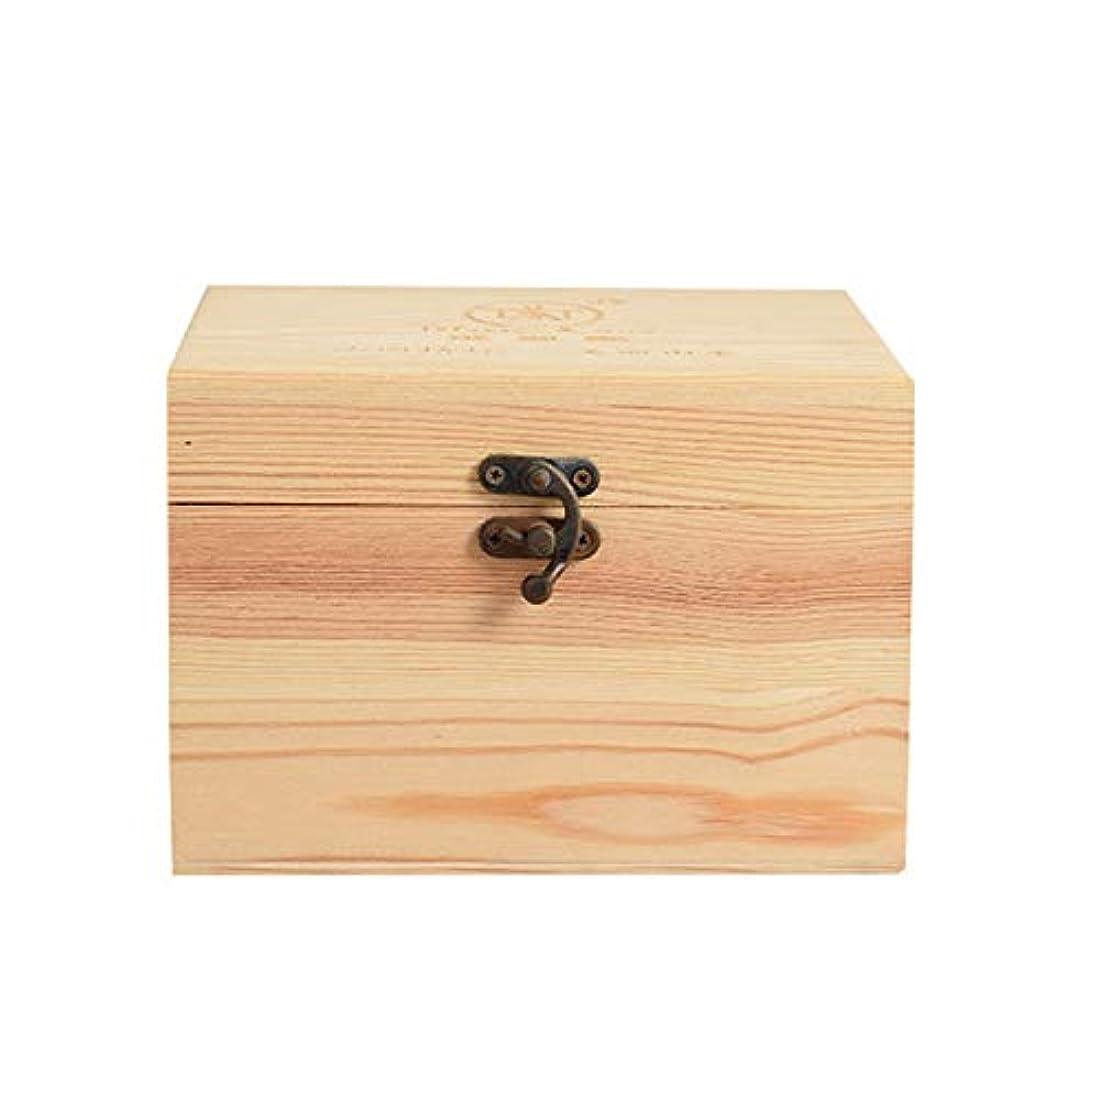 すすり泣きペリスコープ煙突アロマセラピー収納ボックス あなたのオイル太陽の損傷を保護するために、エッセンシャルオイルの9種類の完璧なエッセンシャルオイルの収納ボックス木製プレゼンテーションケース エッセンシャルオイル収納ボックス (色 : Natural, サイズ : 16.5X11.5X15CM)